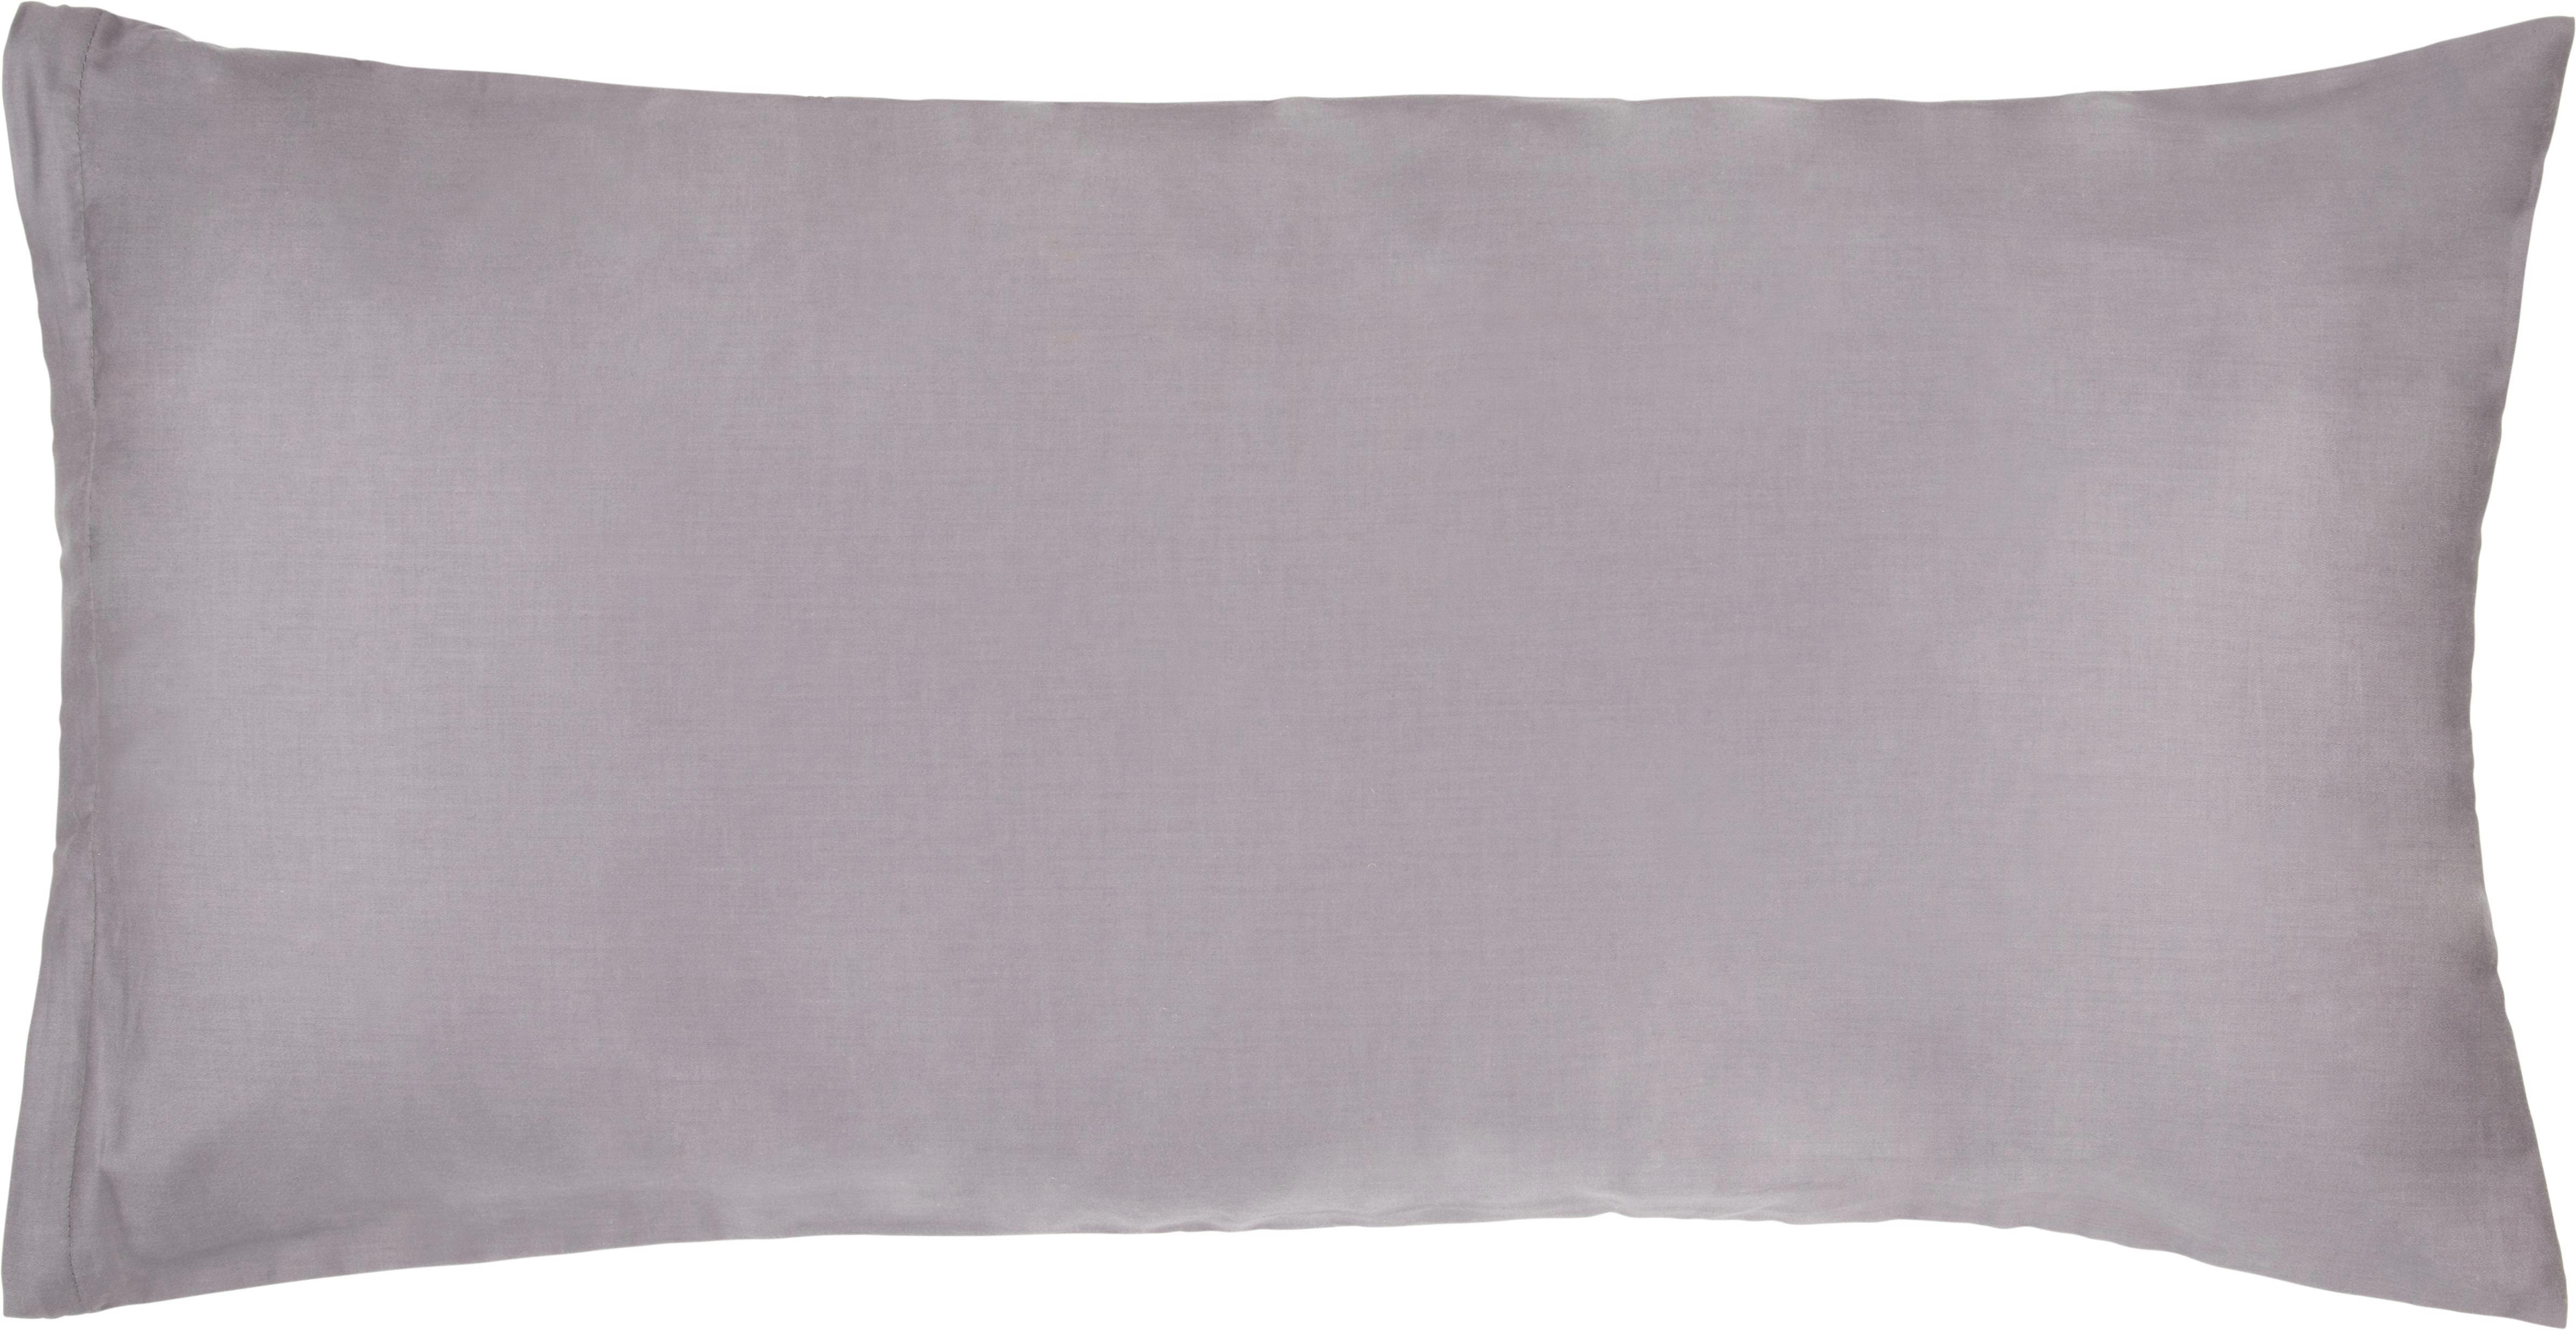 Povlak Na Polštář Belinda - světle šedá/antracitová, textil (40/80cm) - PREMIUM LIVING